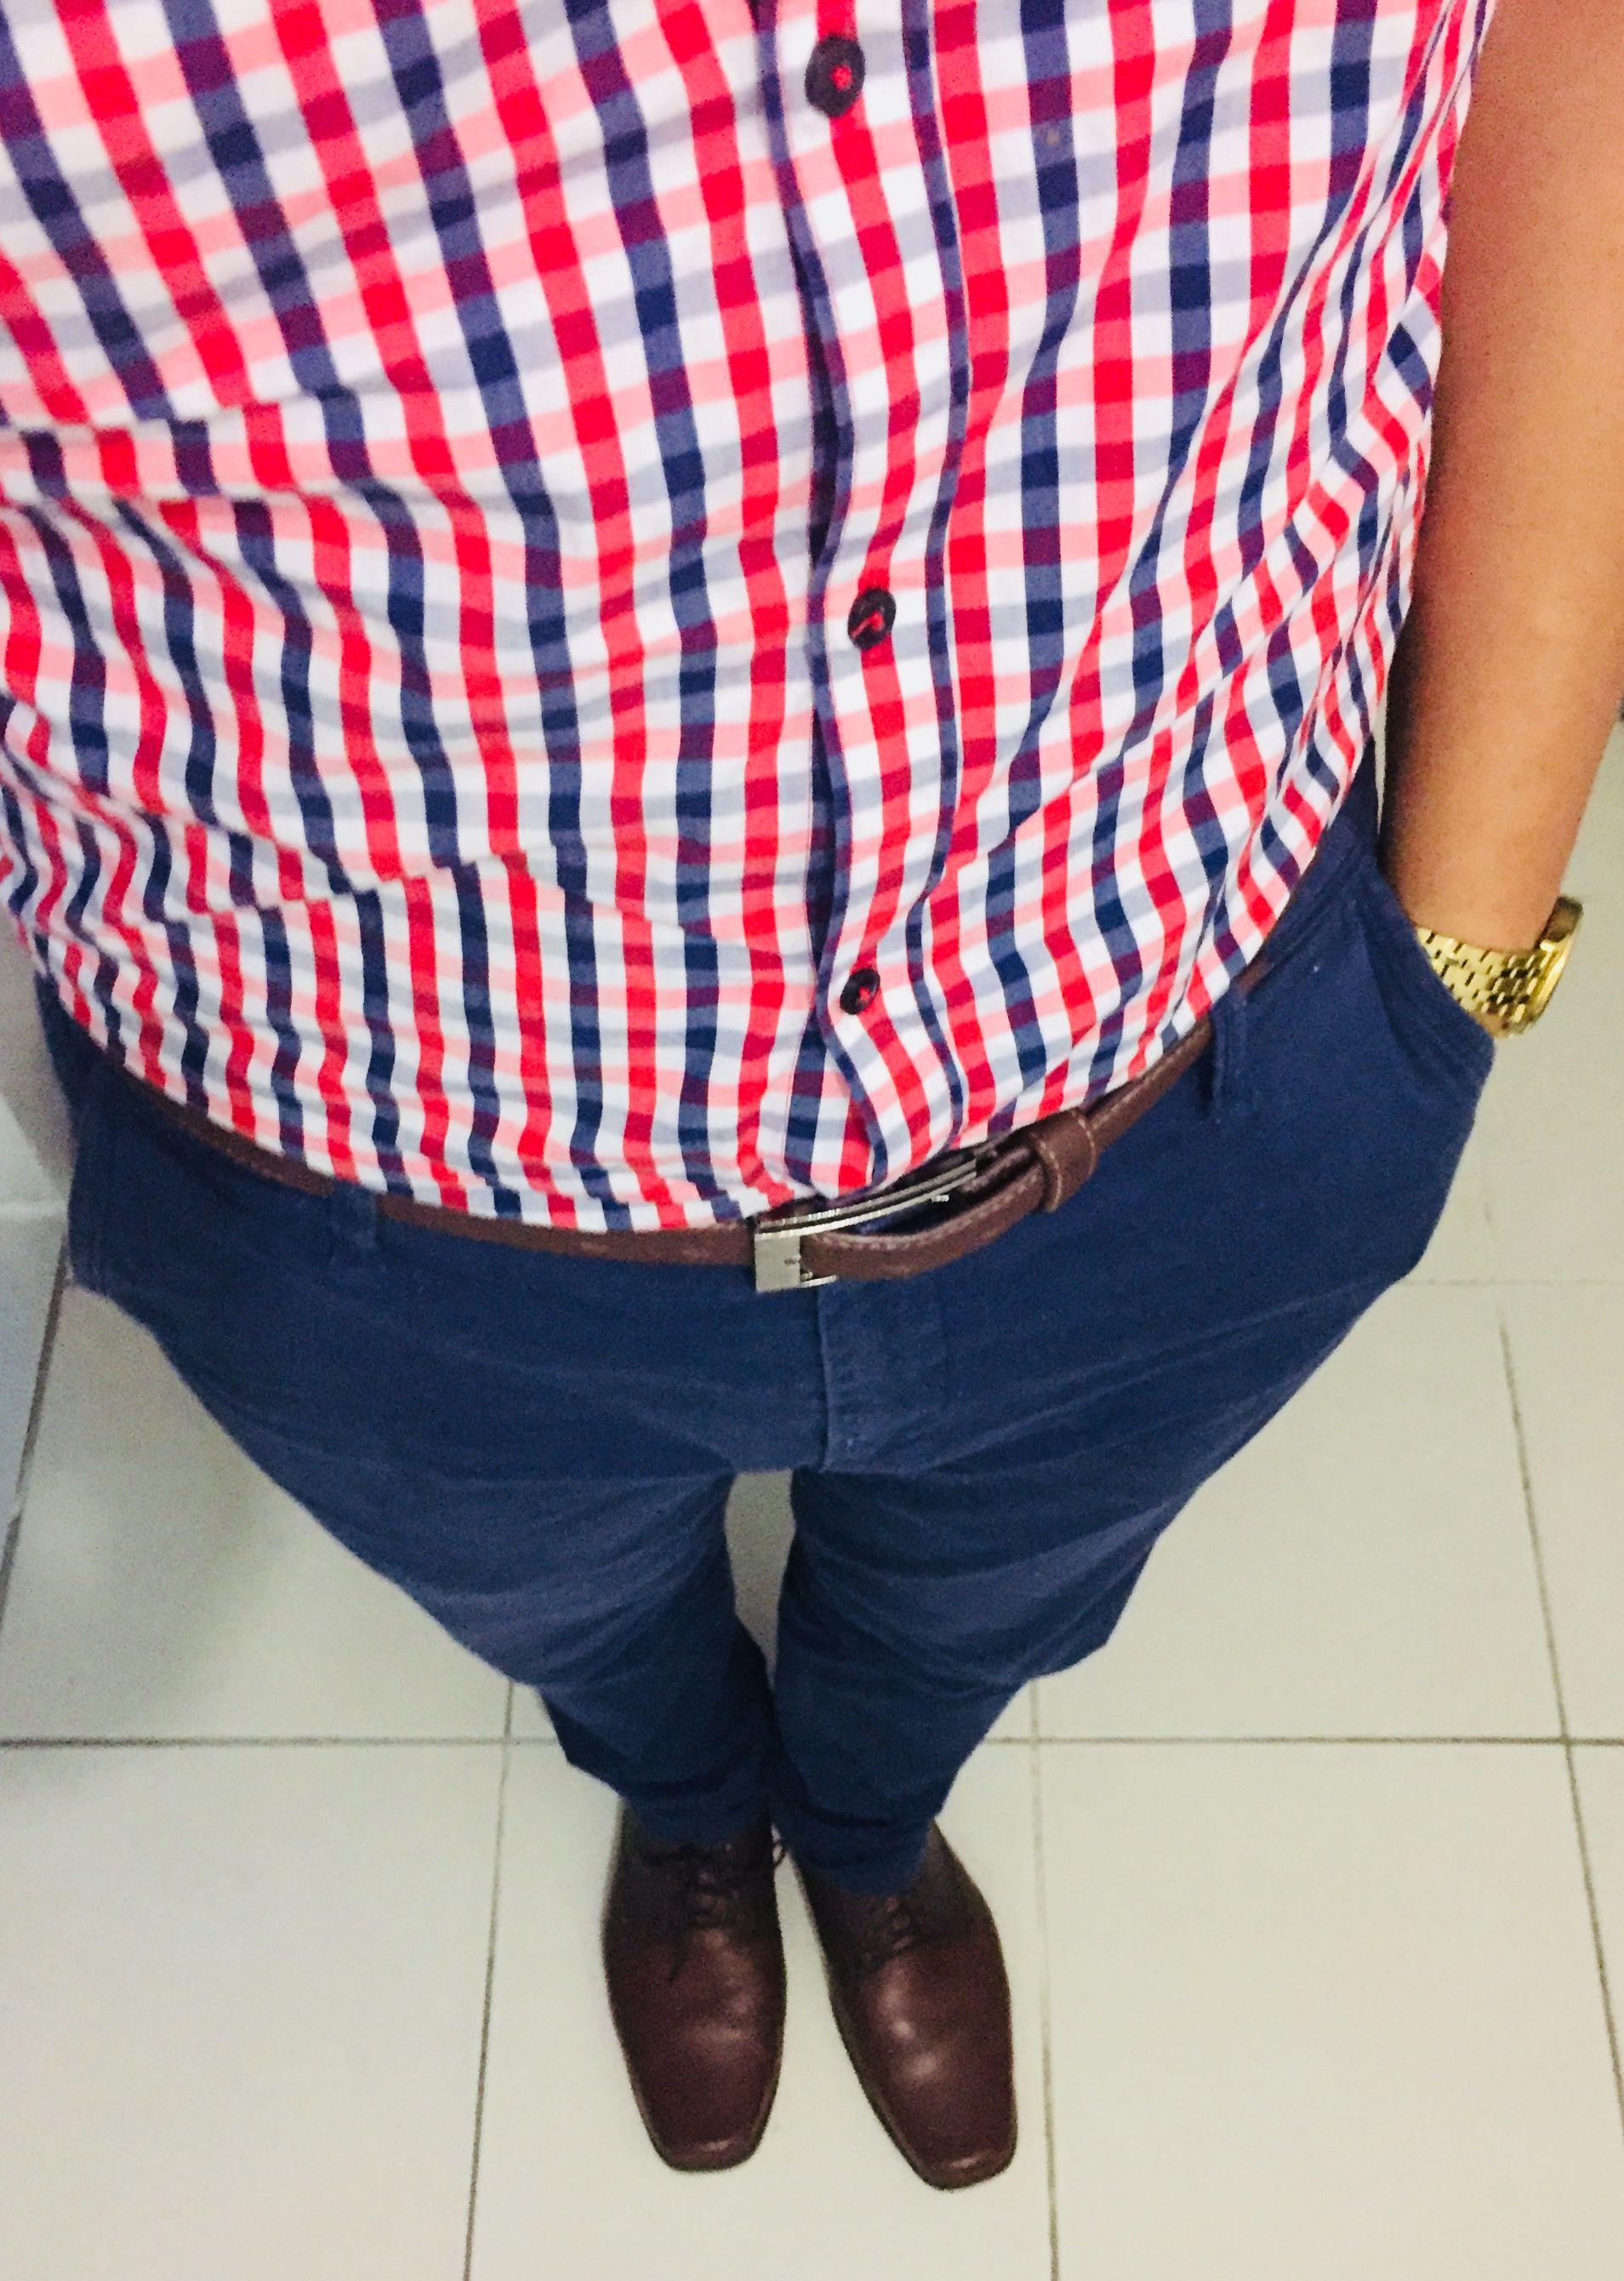 fecha de lanzamiento: ventas especiales mitad de descuento Camisa a cuadros azul, roja y blanca, pantalón azul ...